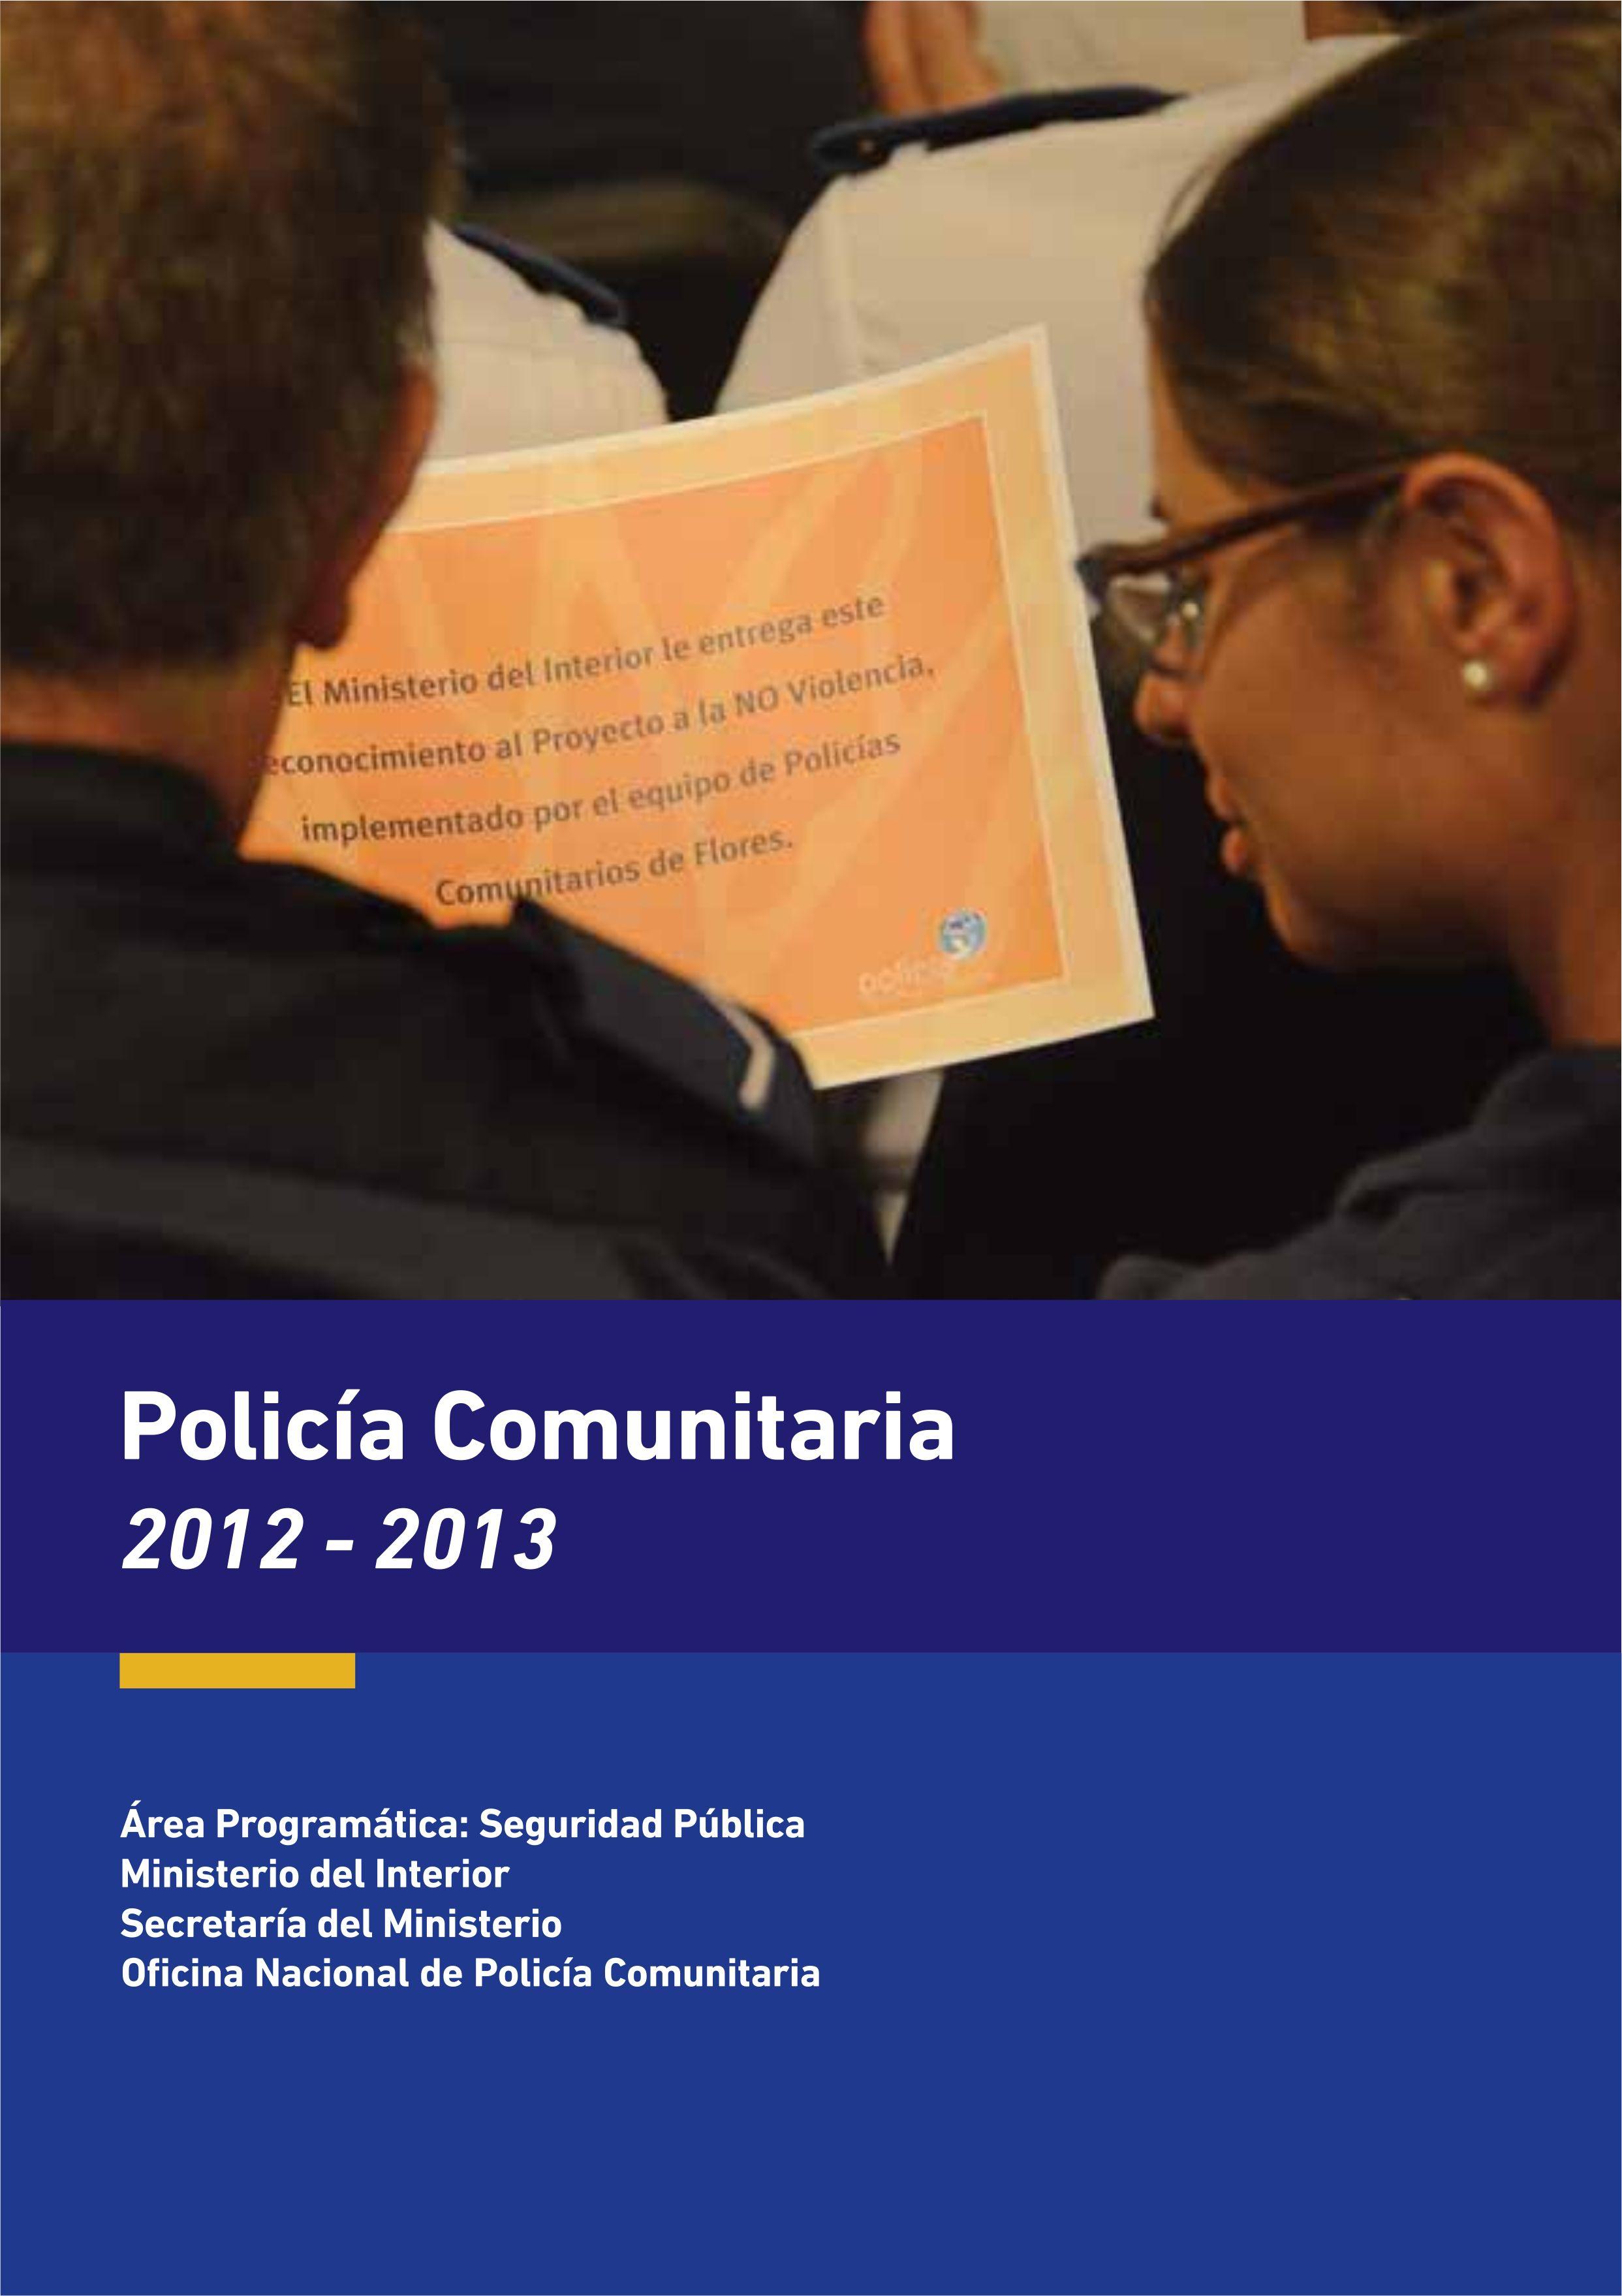 Imagen con dos policías mirando su diploma de ingreso de la capacitación